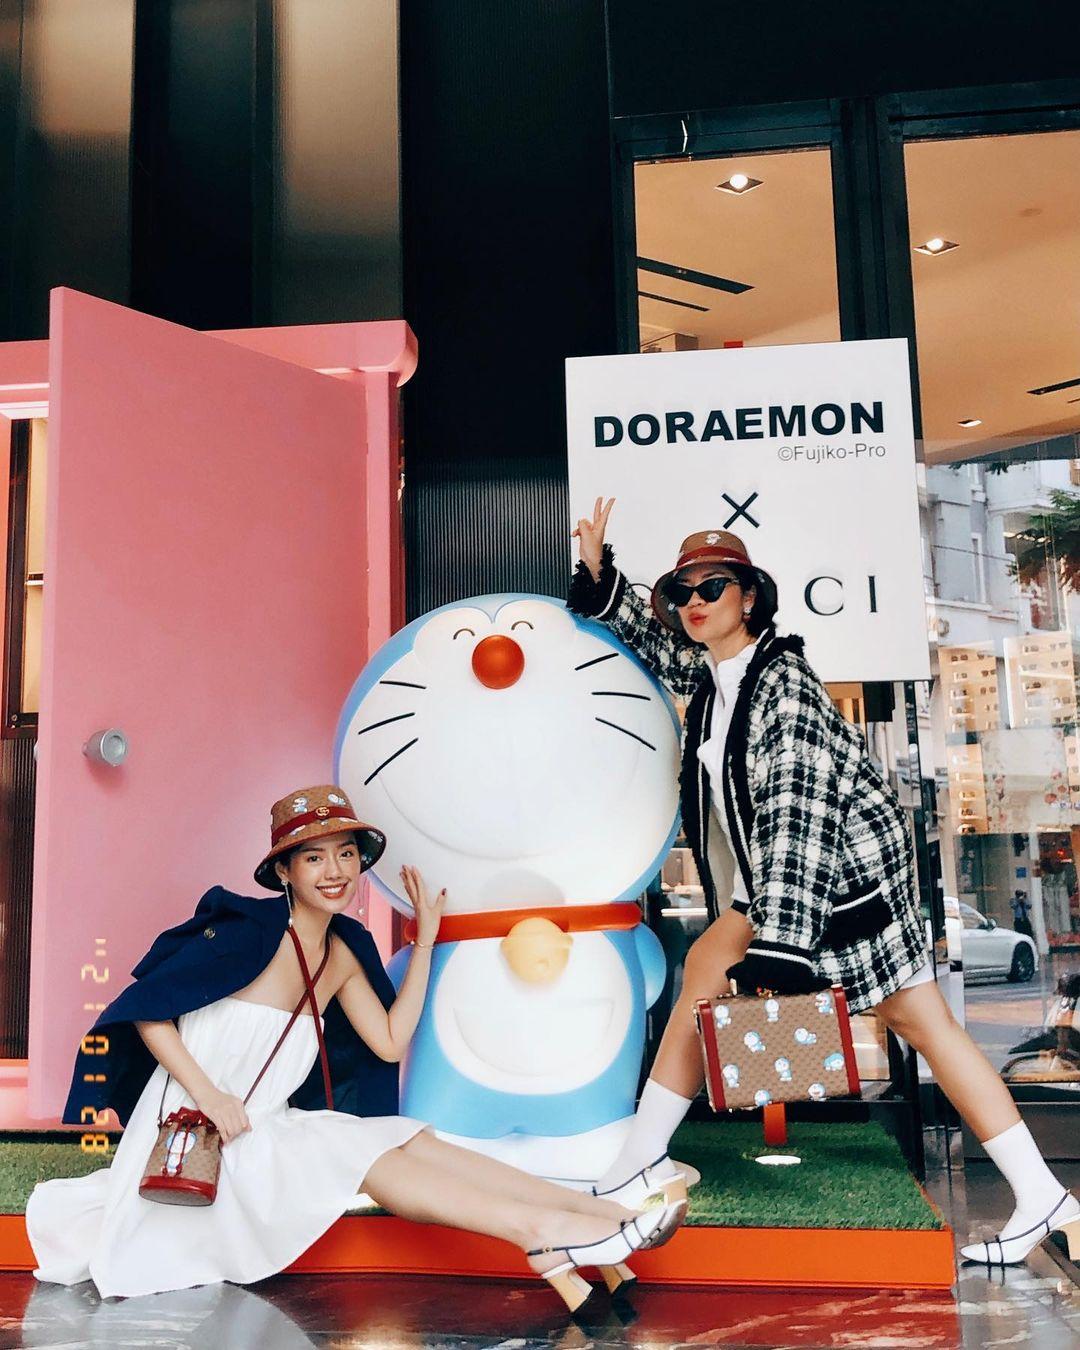 Điểm chụp ảnh hot mùa Tết: Cửa hàng Gucci với mèo máy Doraemon